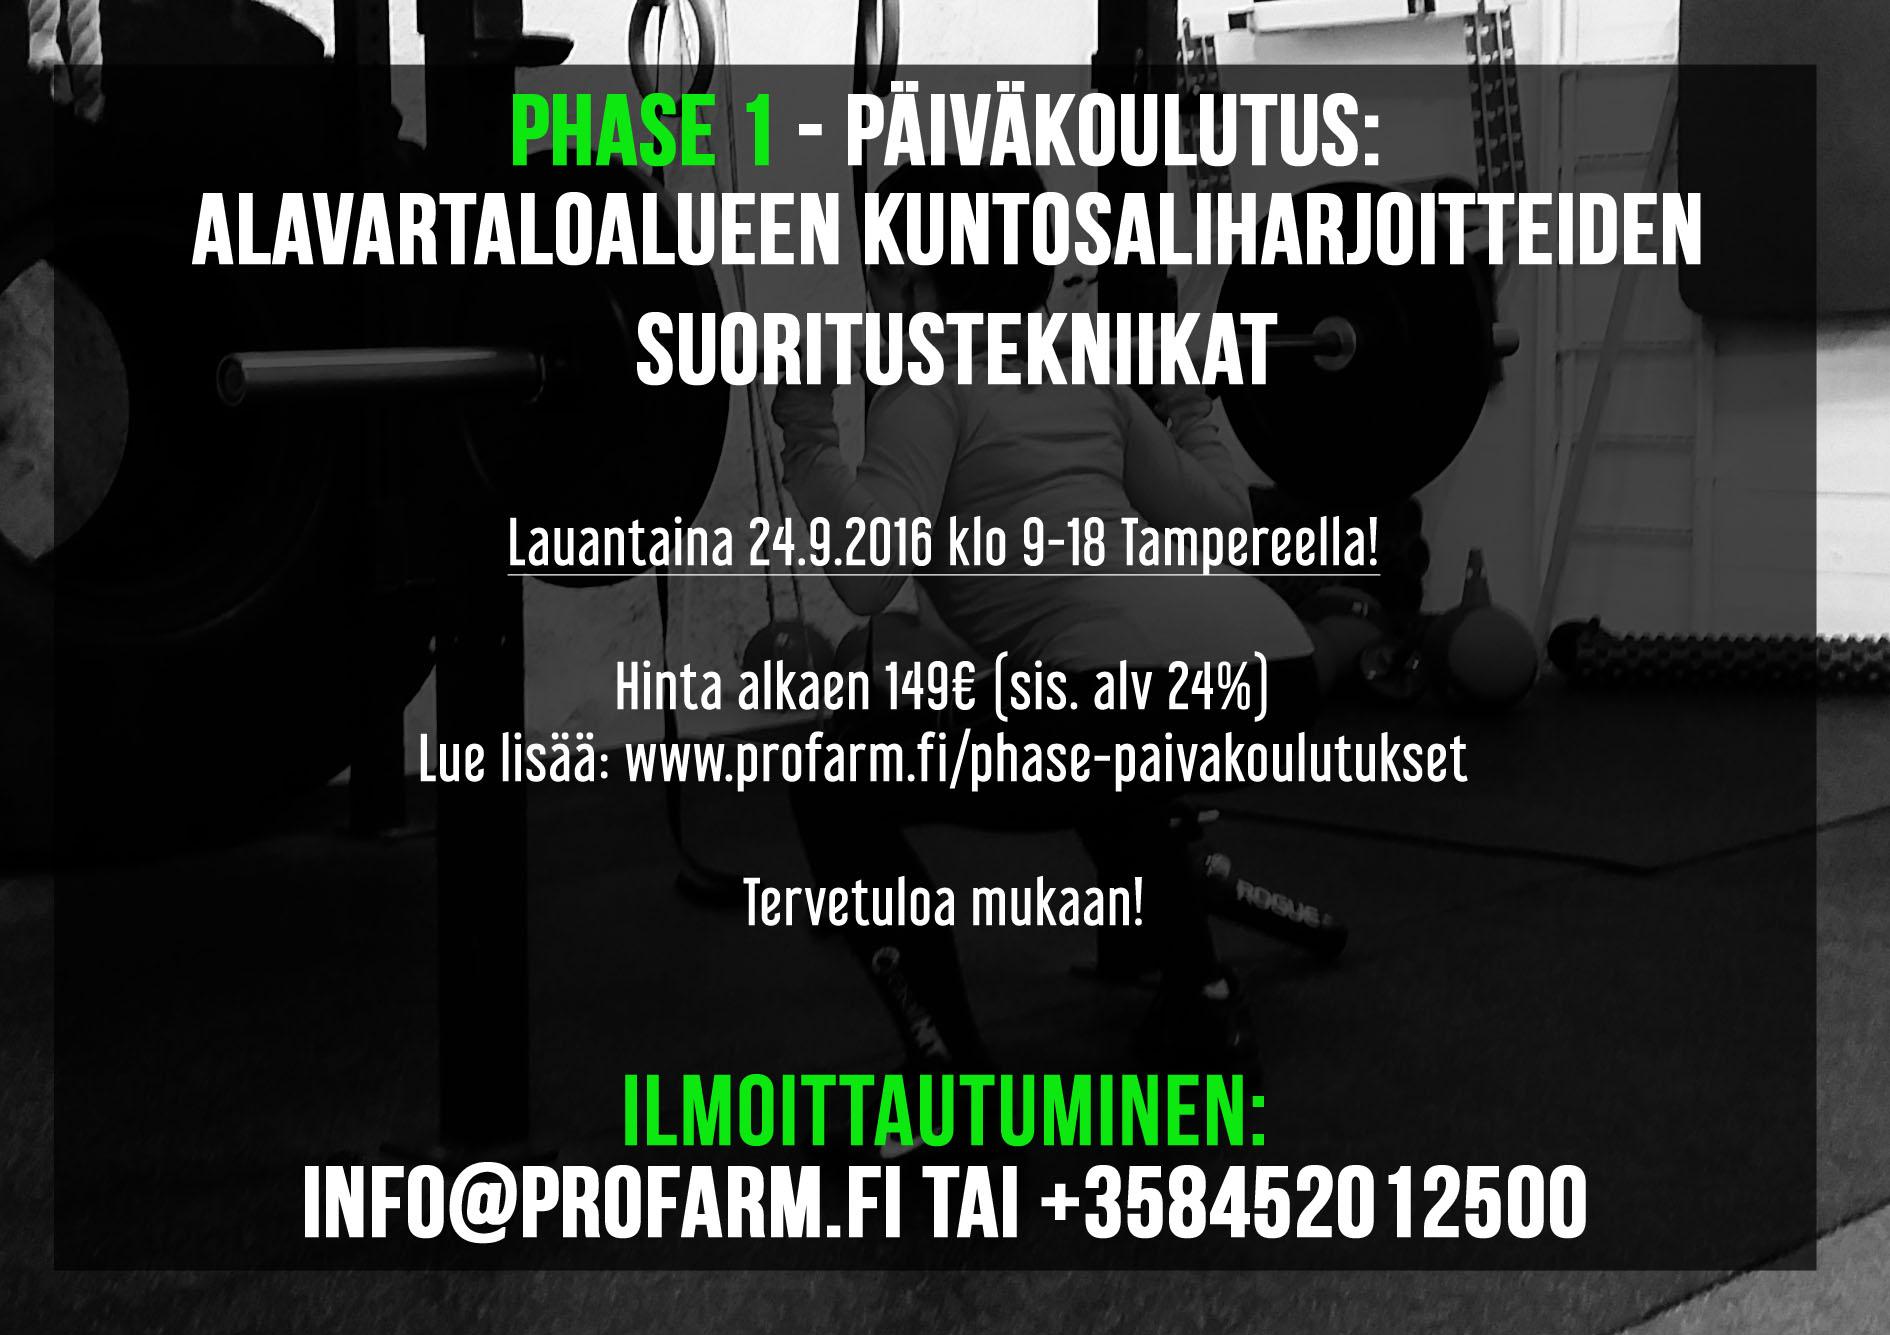 Kuntosaliharjoitteiden koulutus Tampereella (sisältää mm. jalkakyykyn suoritustekniikan)